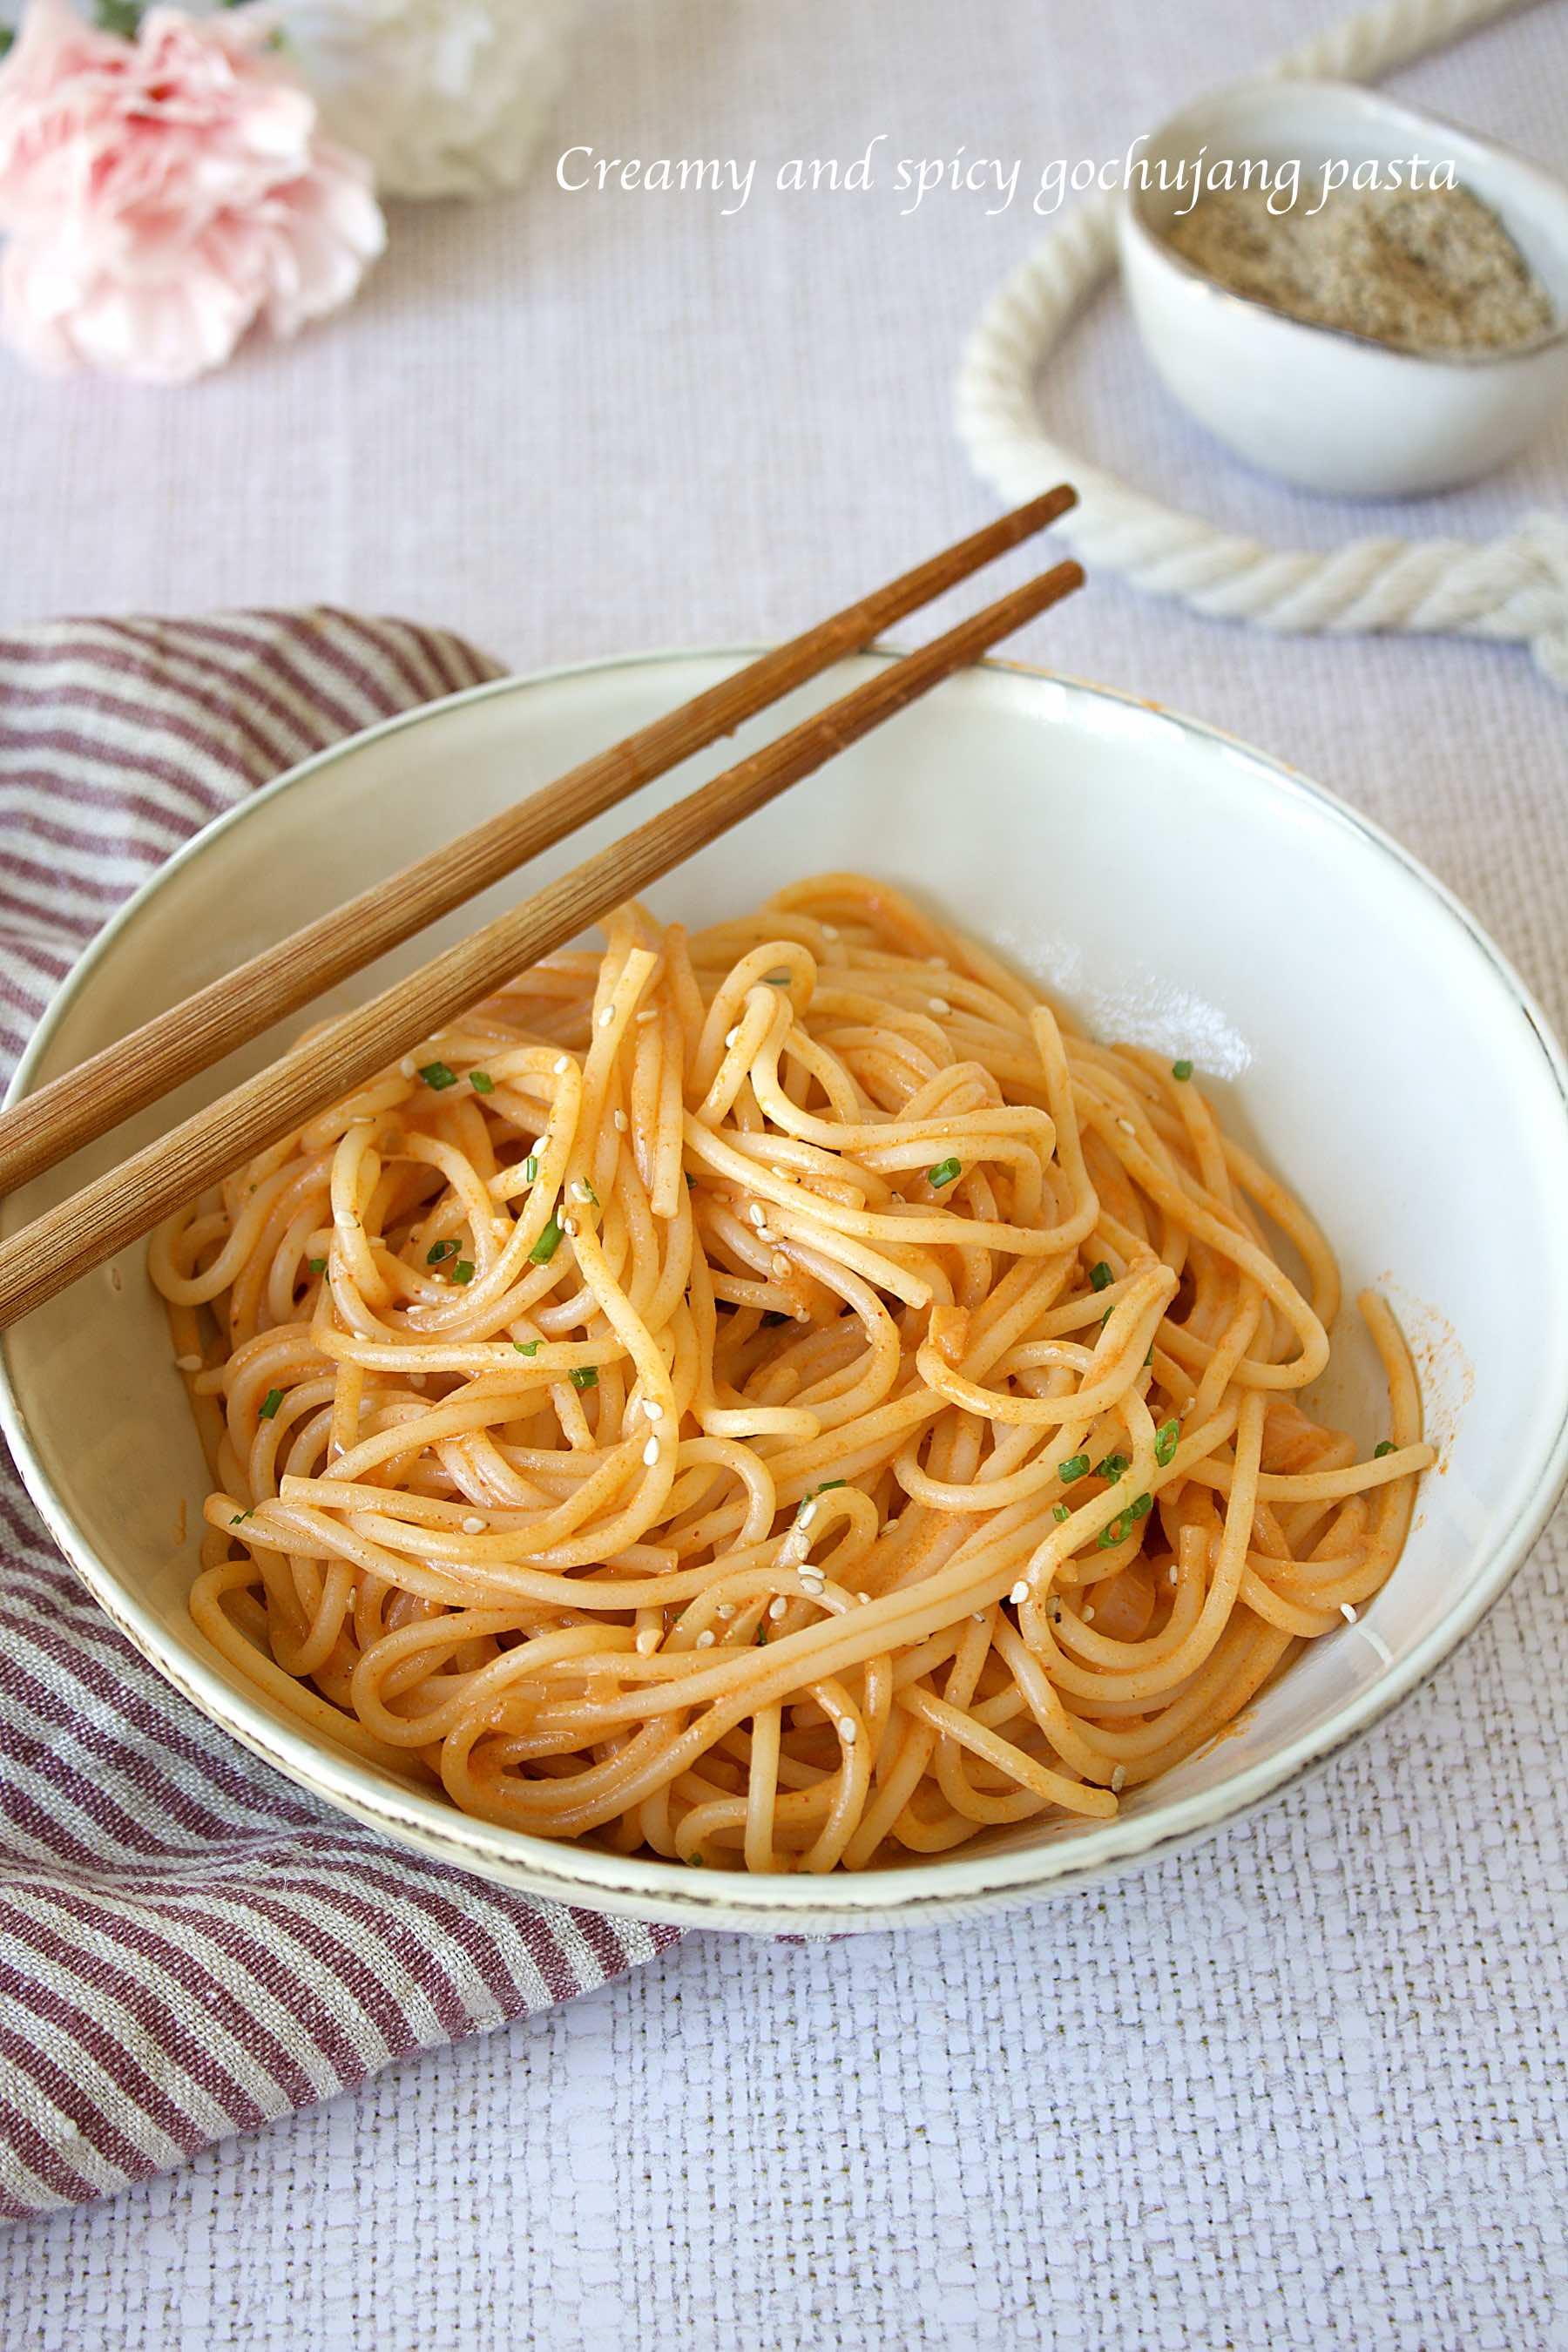 Spaghetti crémeux au gochujang